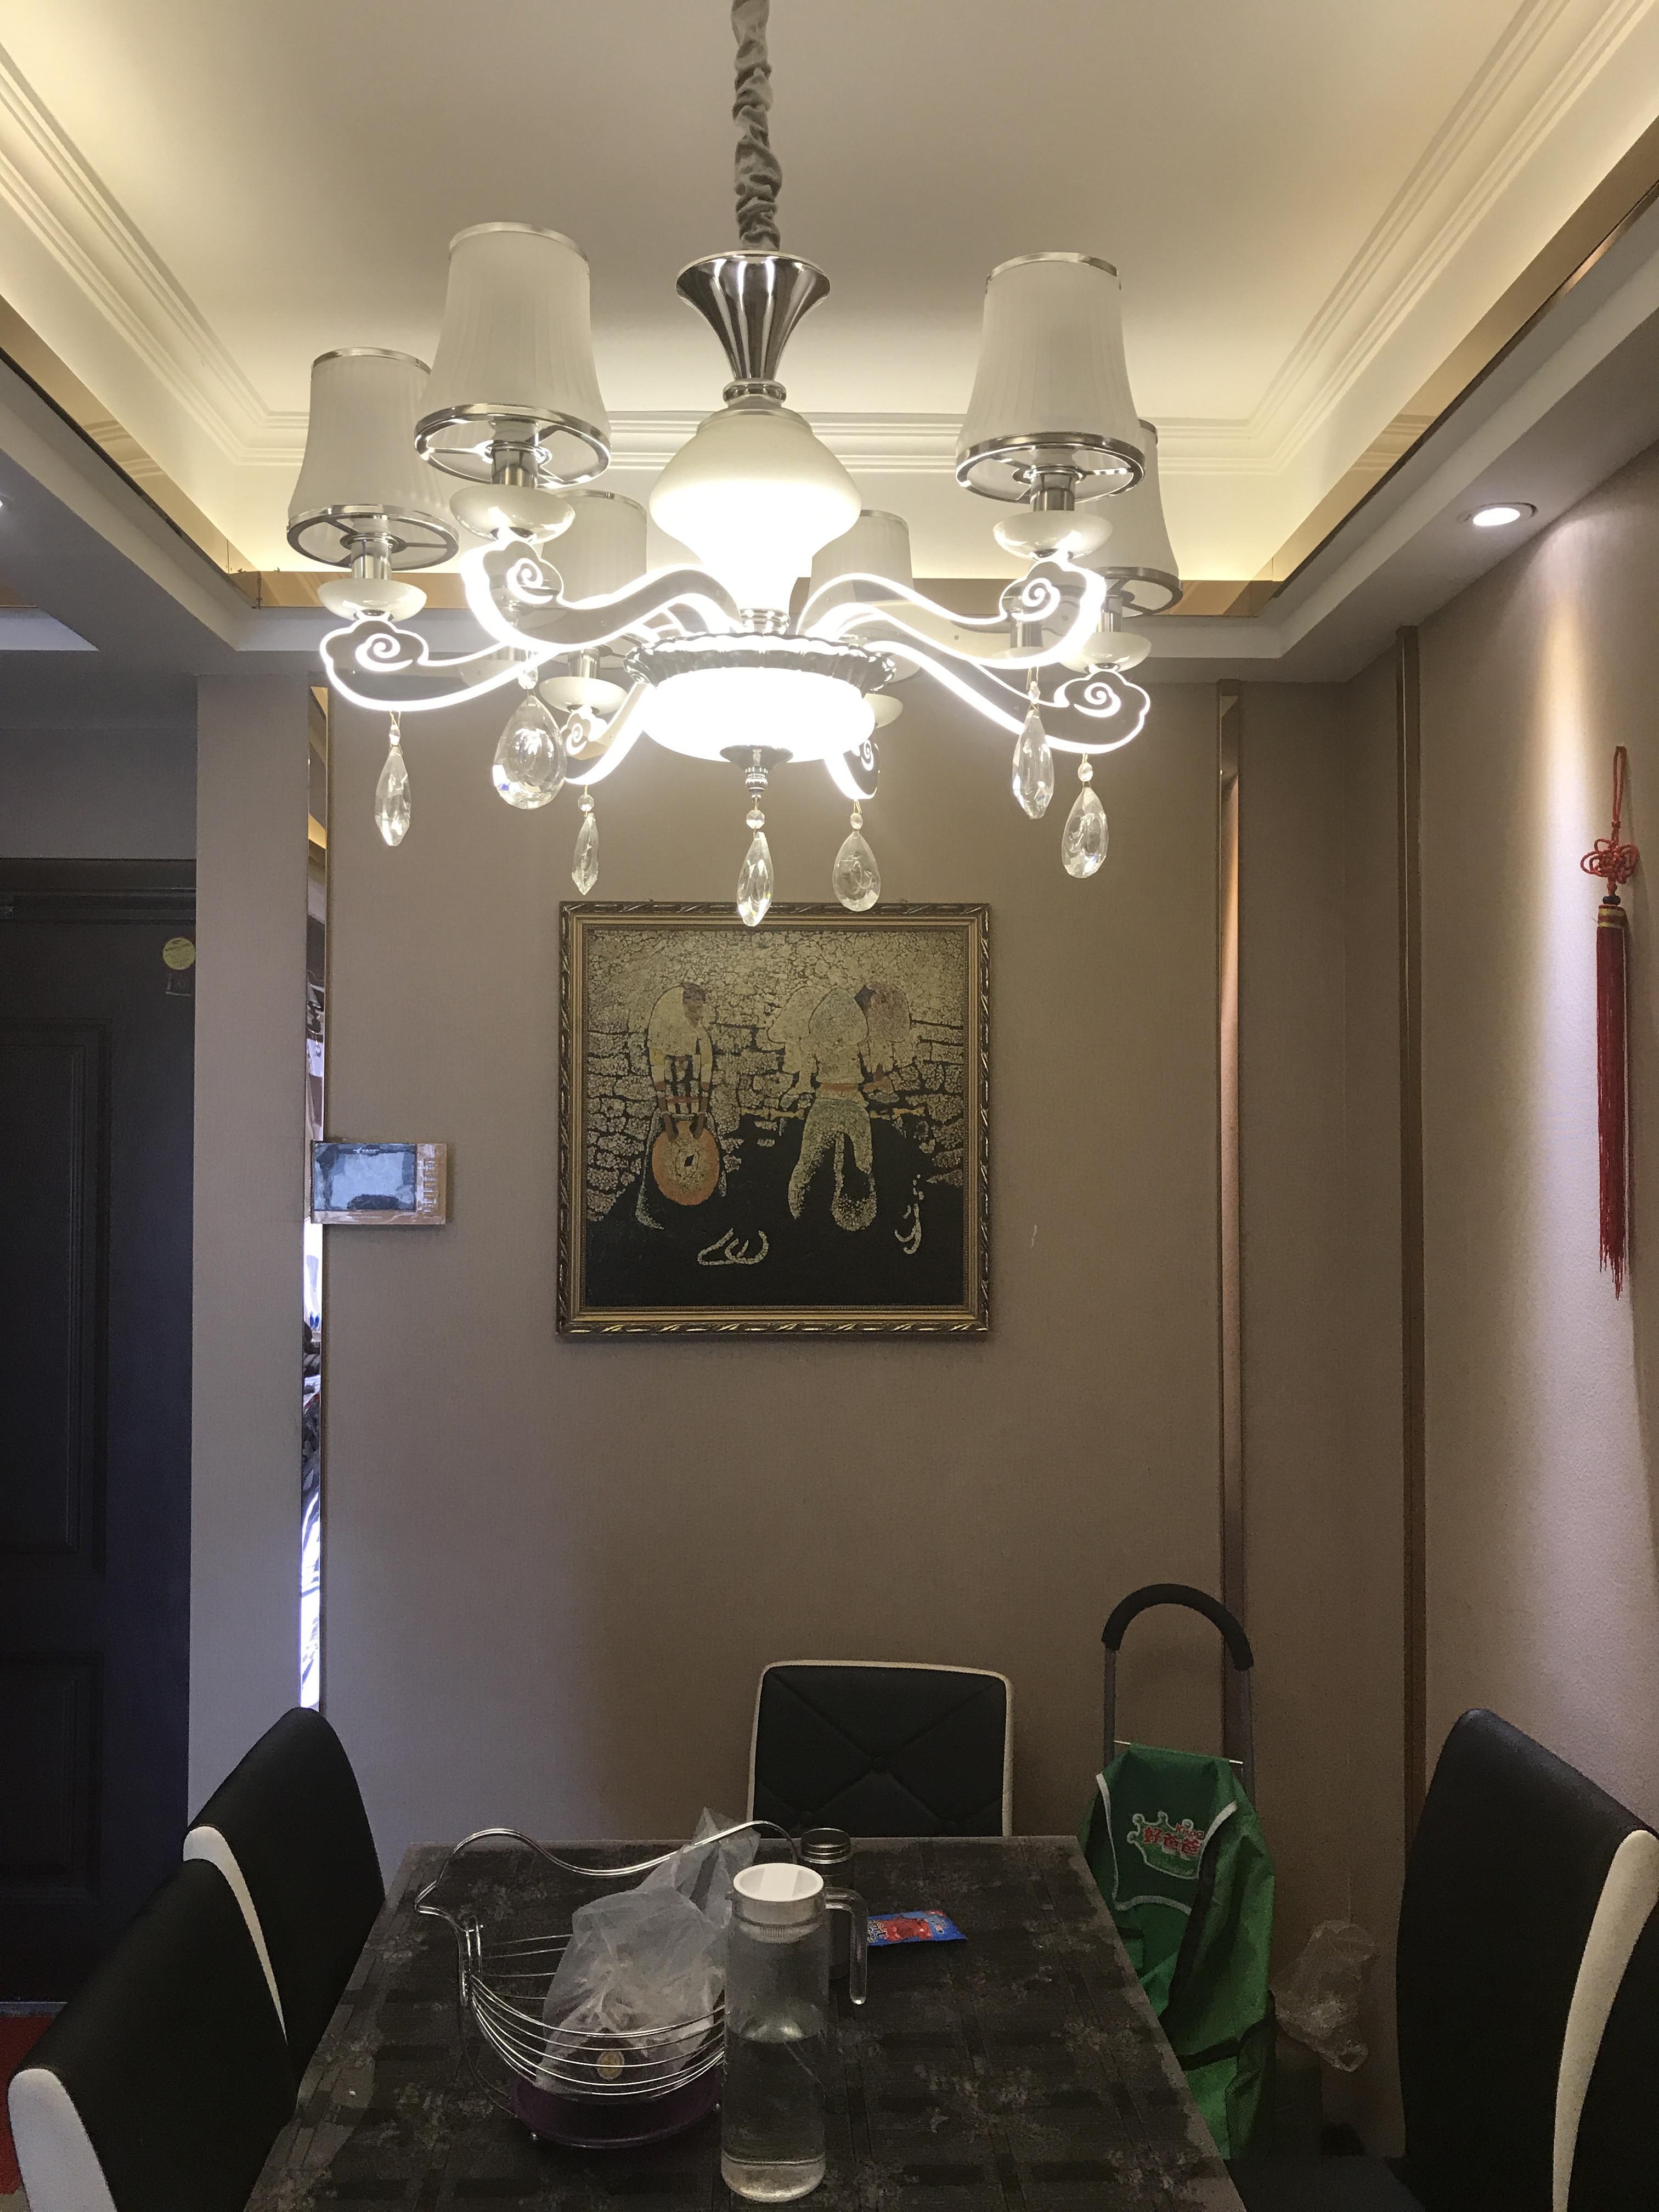 100㎡现代混搭装修餐厅吊灯图片